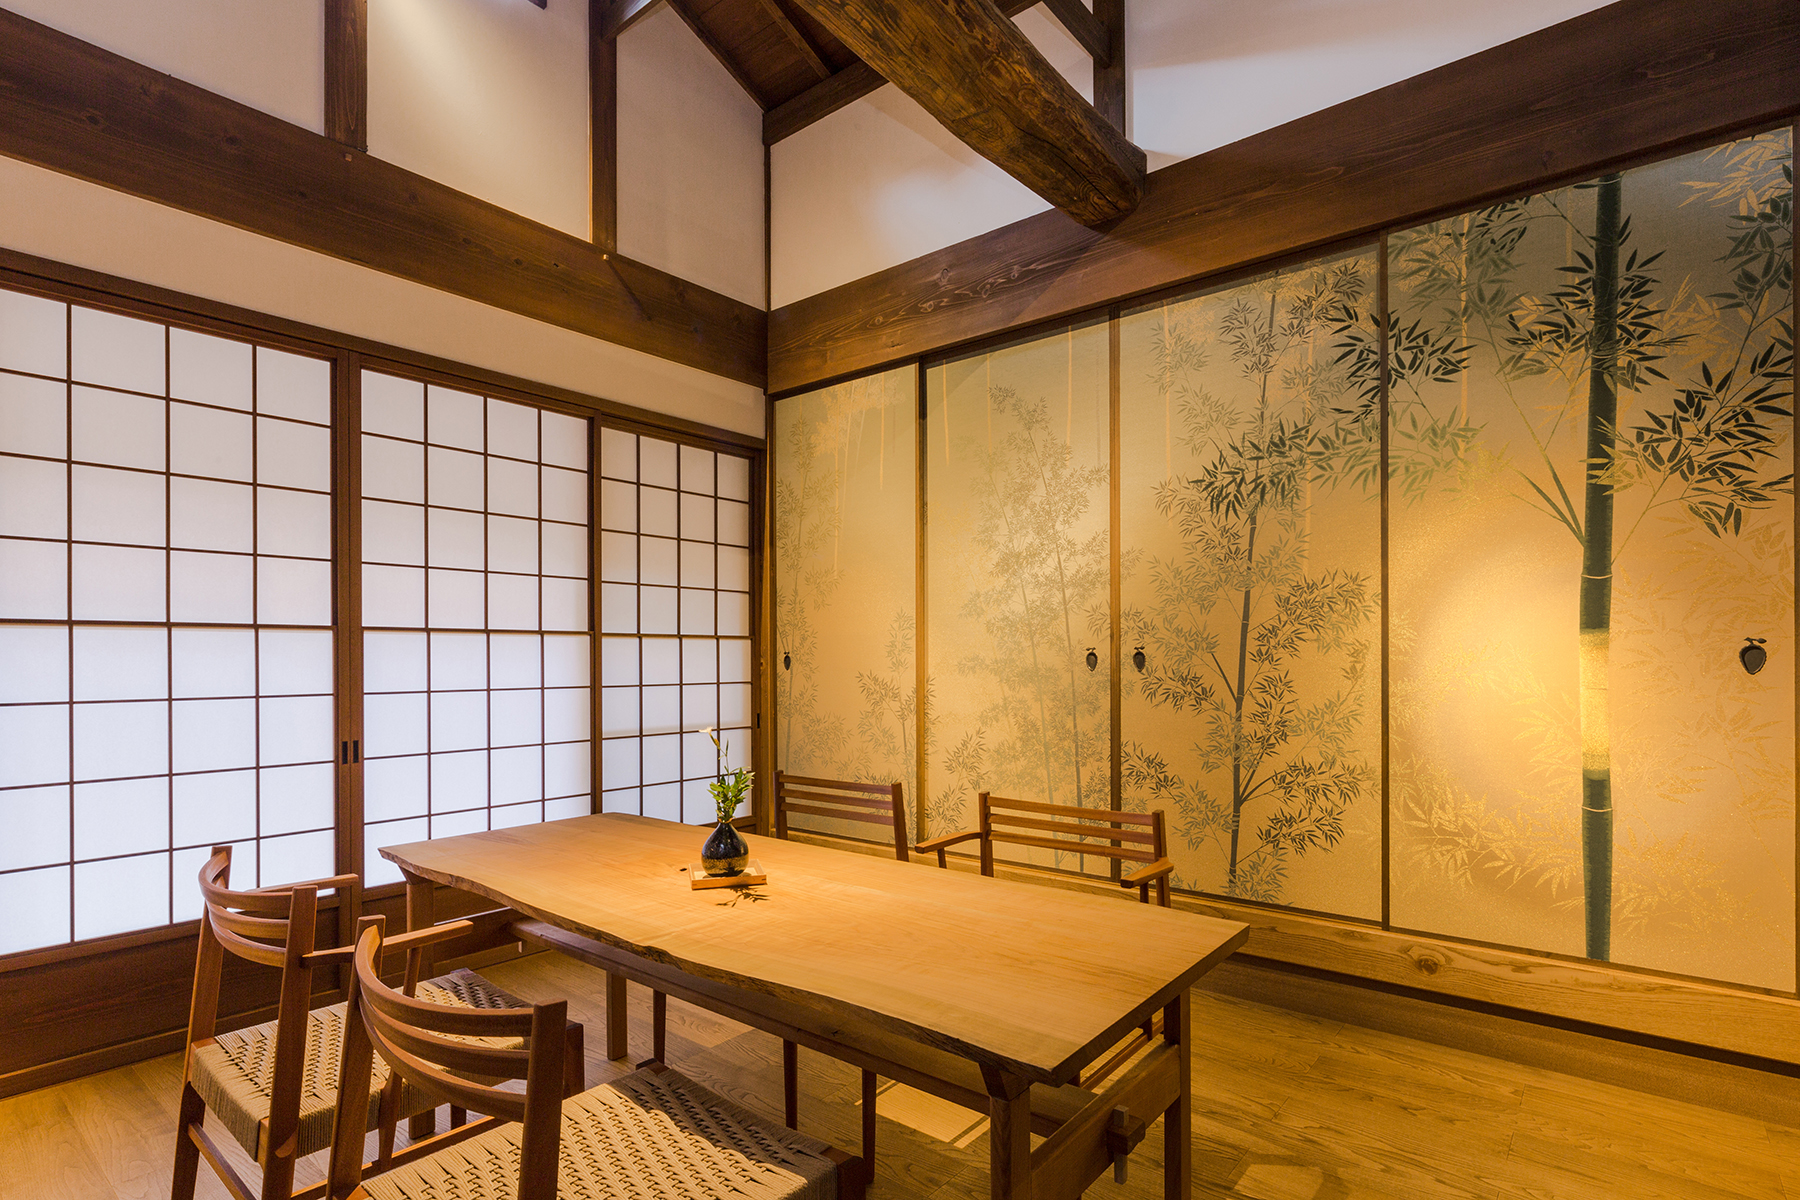 KYOGO_fusuma_bamboo_image